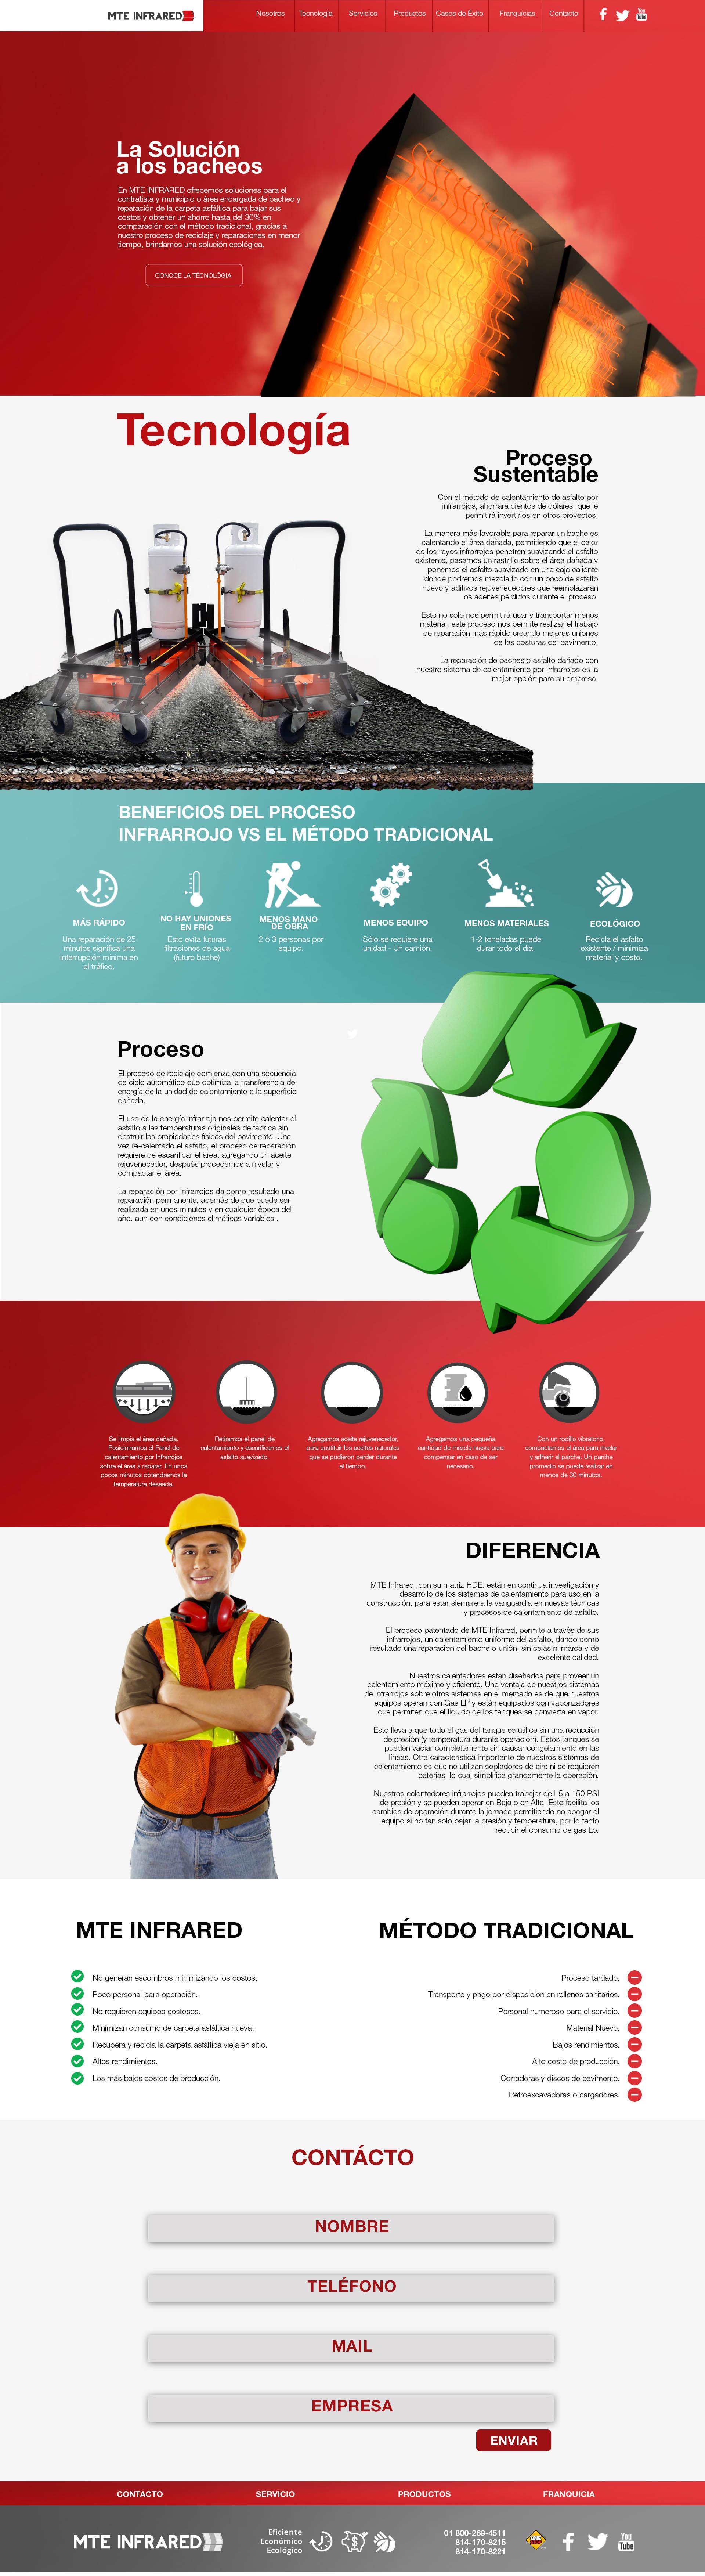 Propuesta de Sitio Web para MTE Infrared.  Diseño Ramon Carrillo Agencia. DABmedia